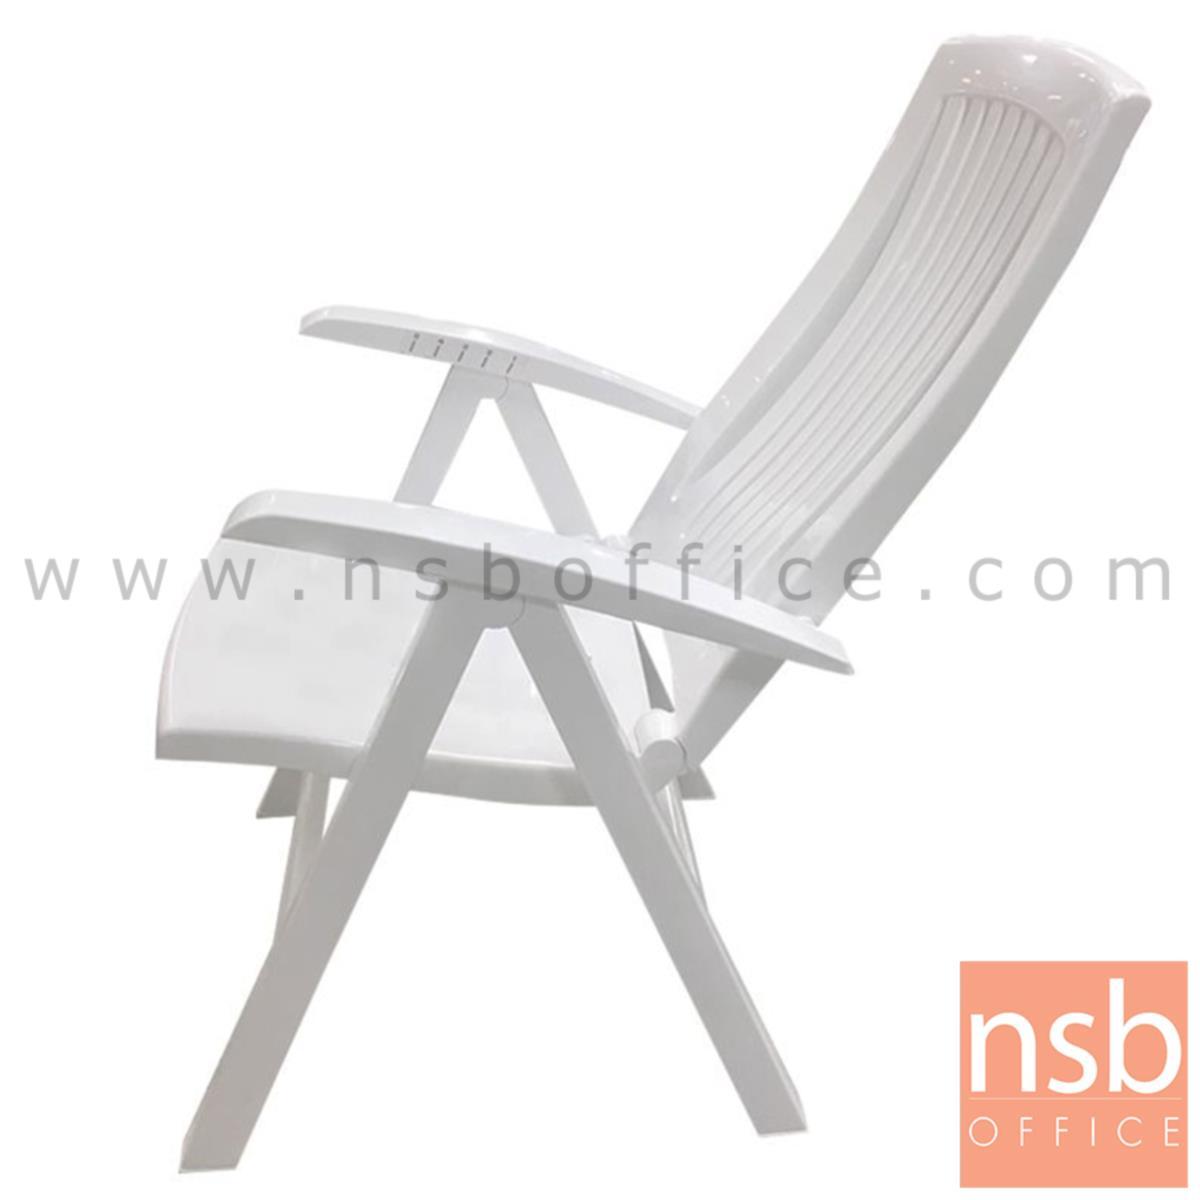 เก้าอี้พับพลาสติกเอนนอน รุ่น Mackey (แมคคีย์) ขนาด 63W*110.5H cm.